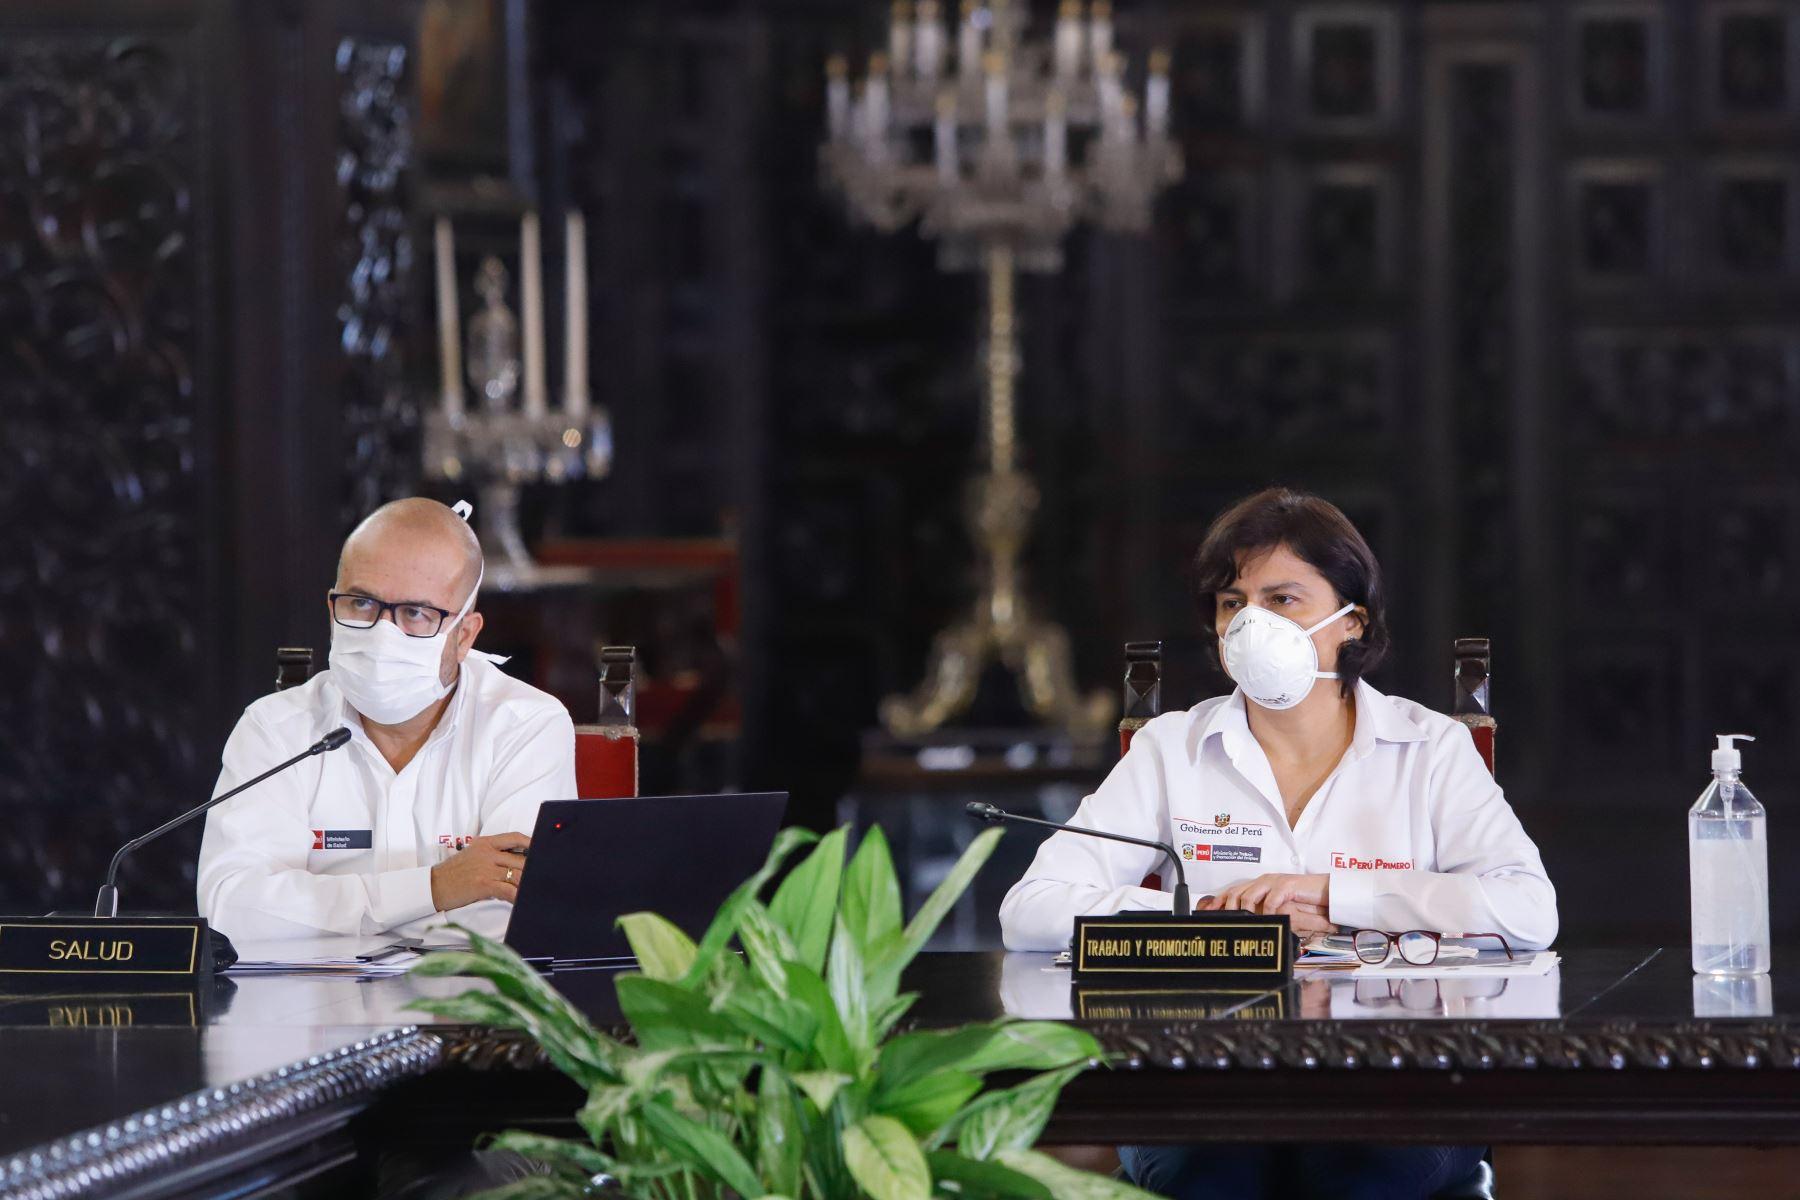 Ministra de Trabajo, Sylvia Cáceres  informa sobre diferentes medidas adoptadas por su sector, en el marco del estado de emergencia nacional por el coronavirus .  Foto: ANDINA/ Prensa Presidencia